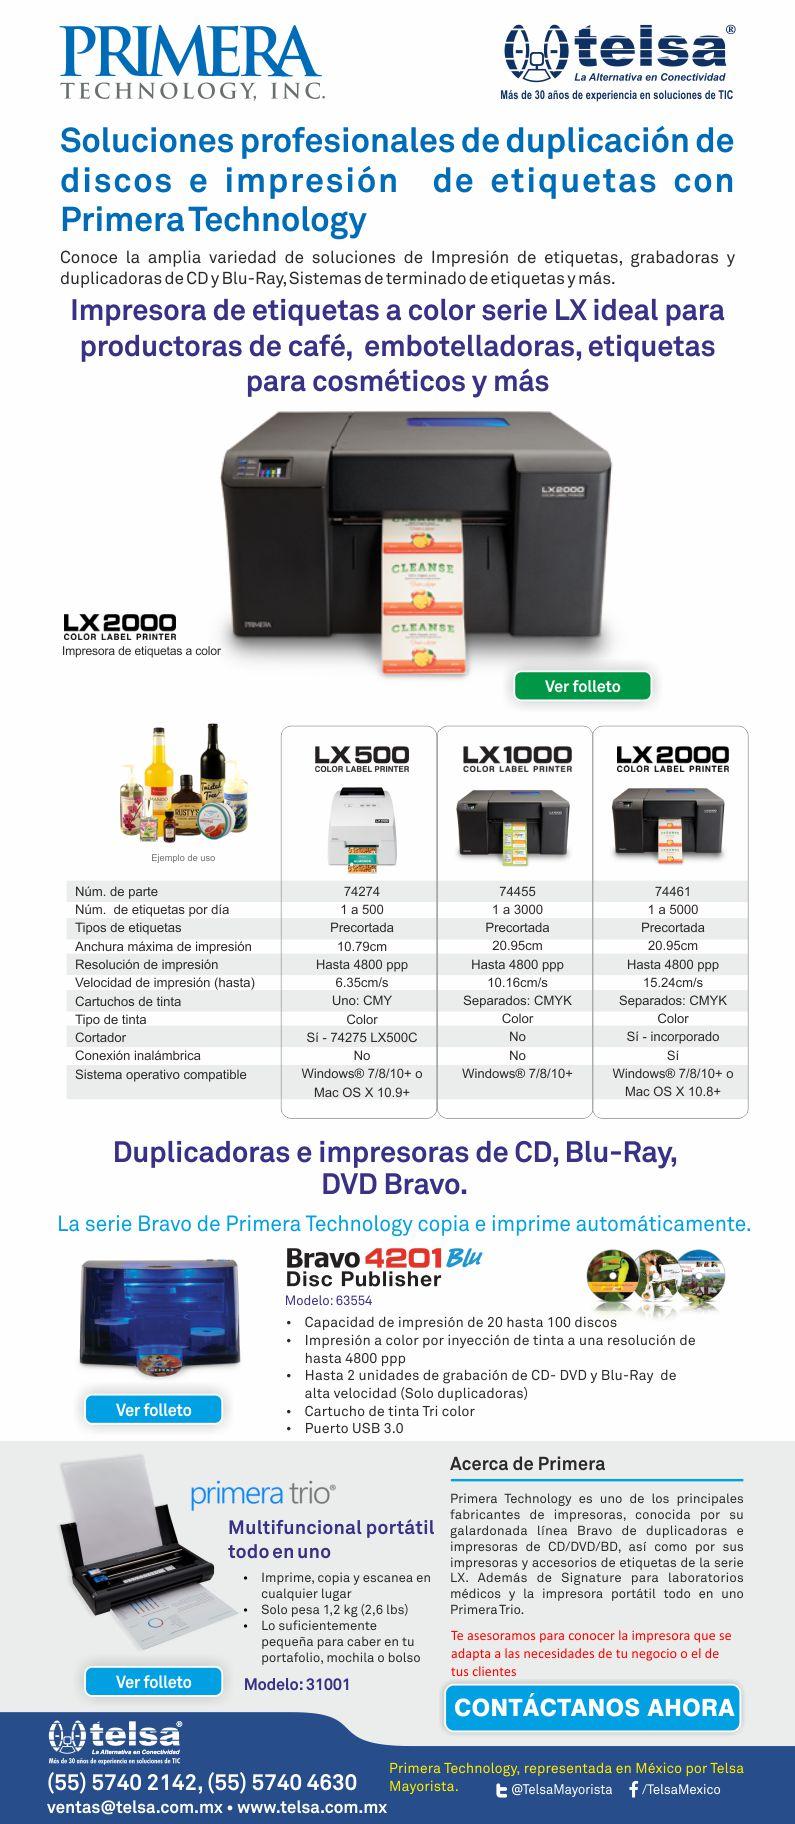 Soluciones profesionales de duplicación de discos e impresión de etiquetas con Primera Technology